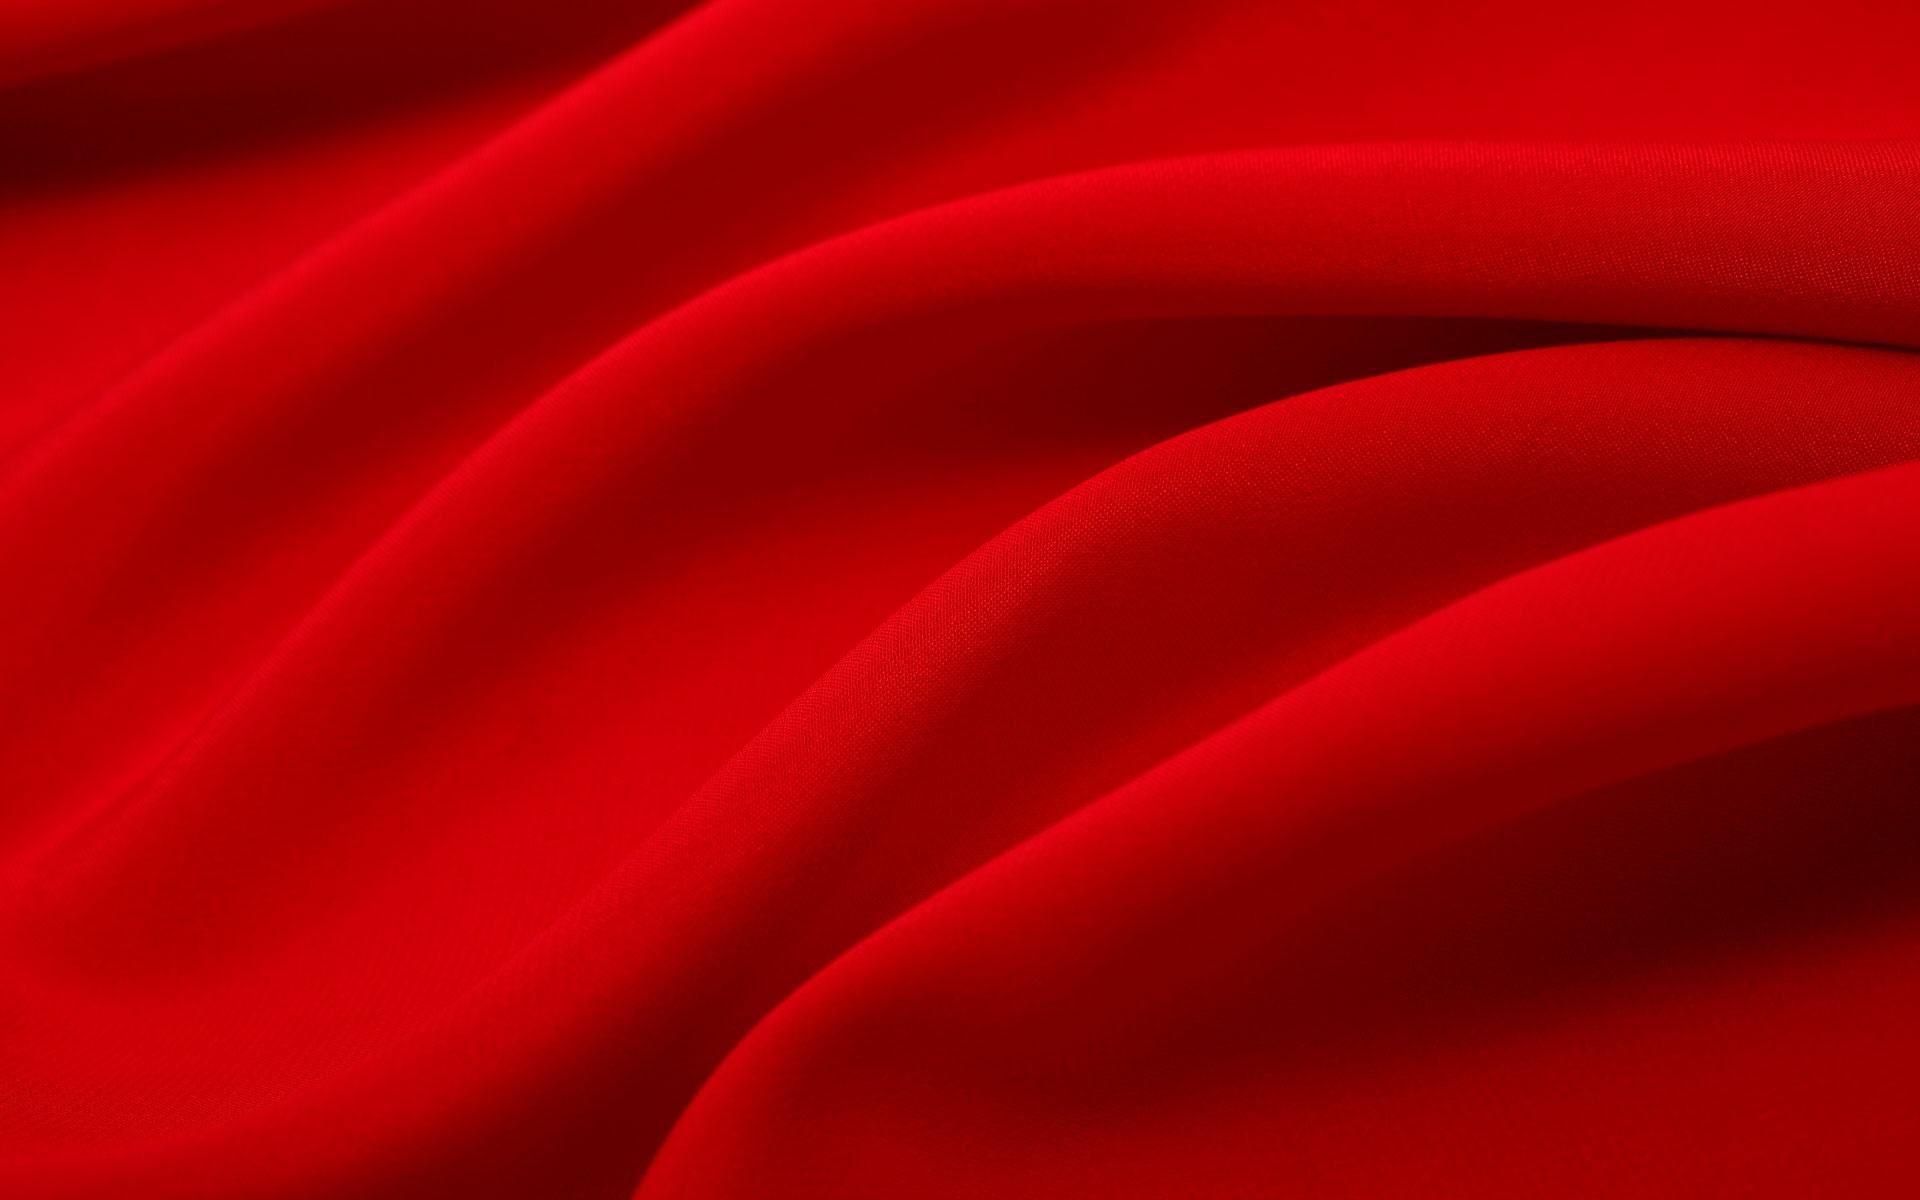 Красные Обои На Рабочий Стол 1920х1080